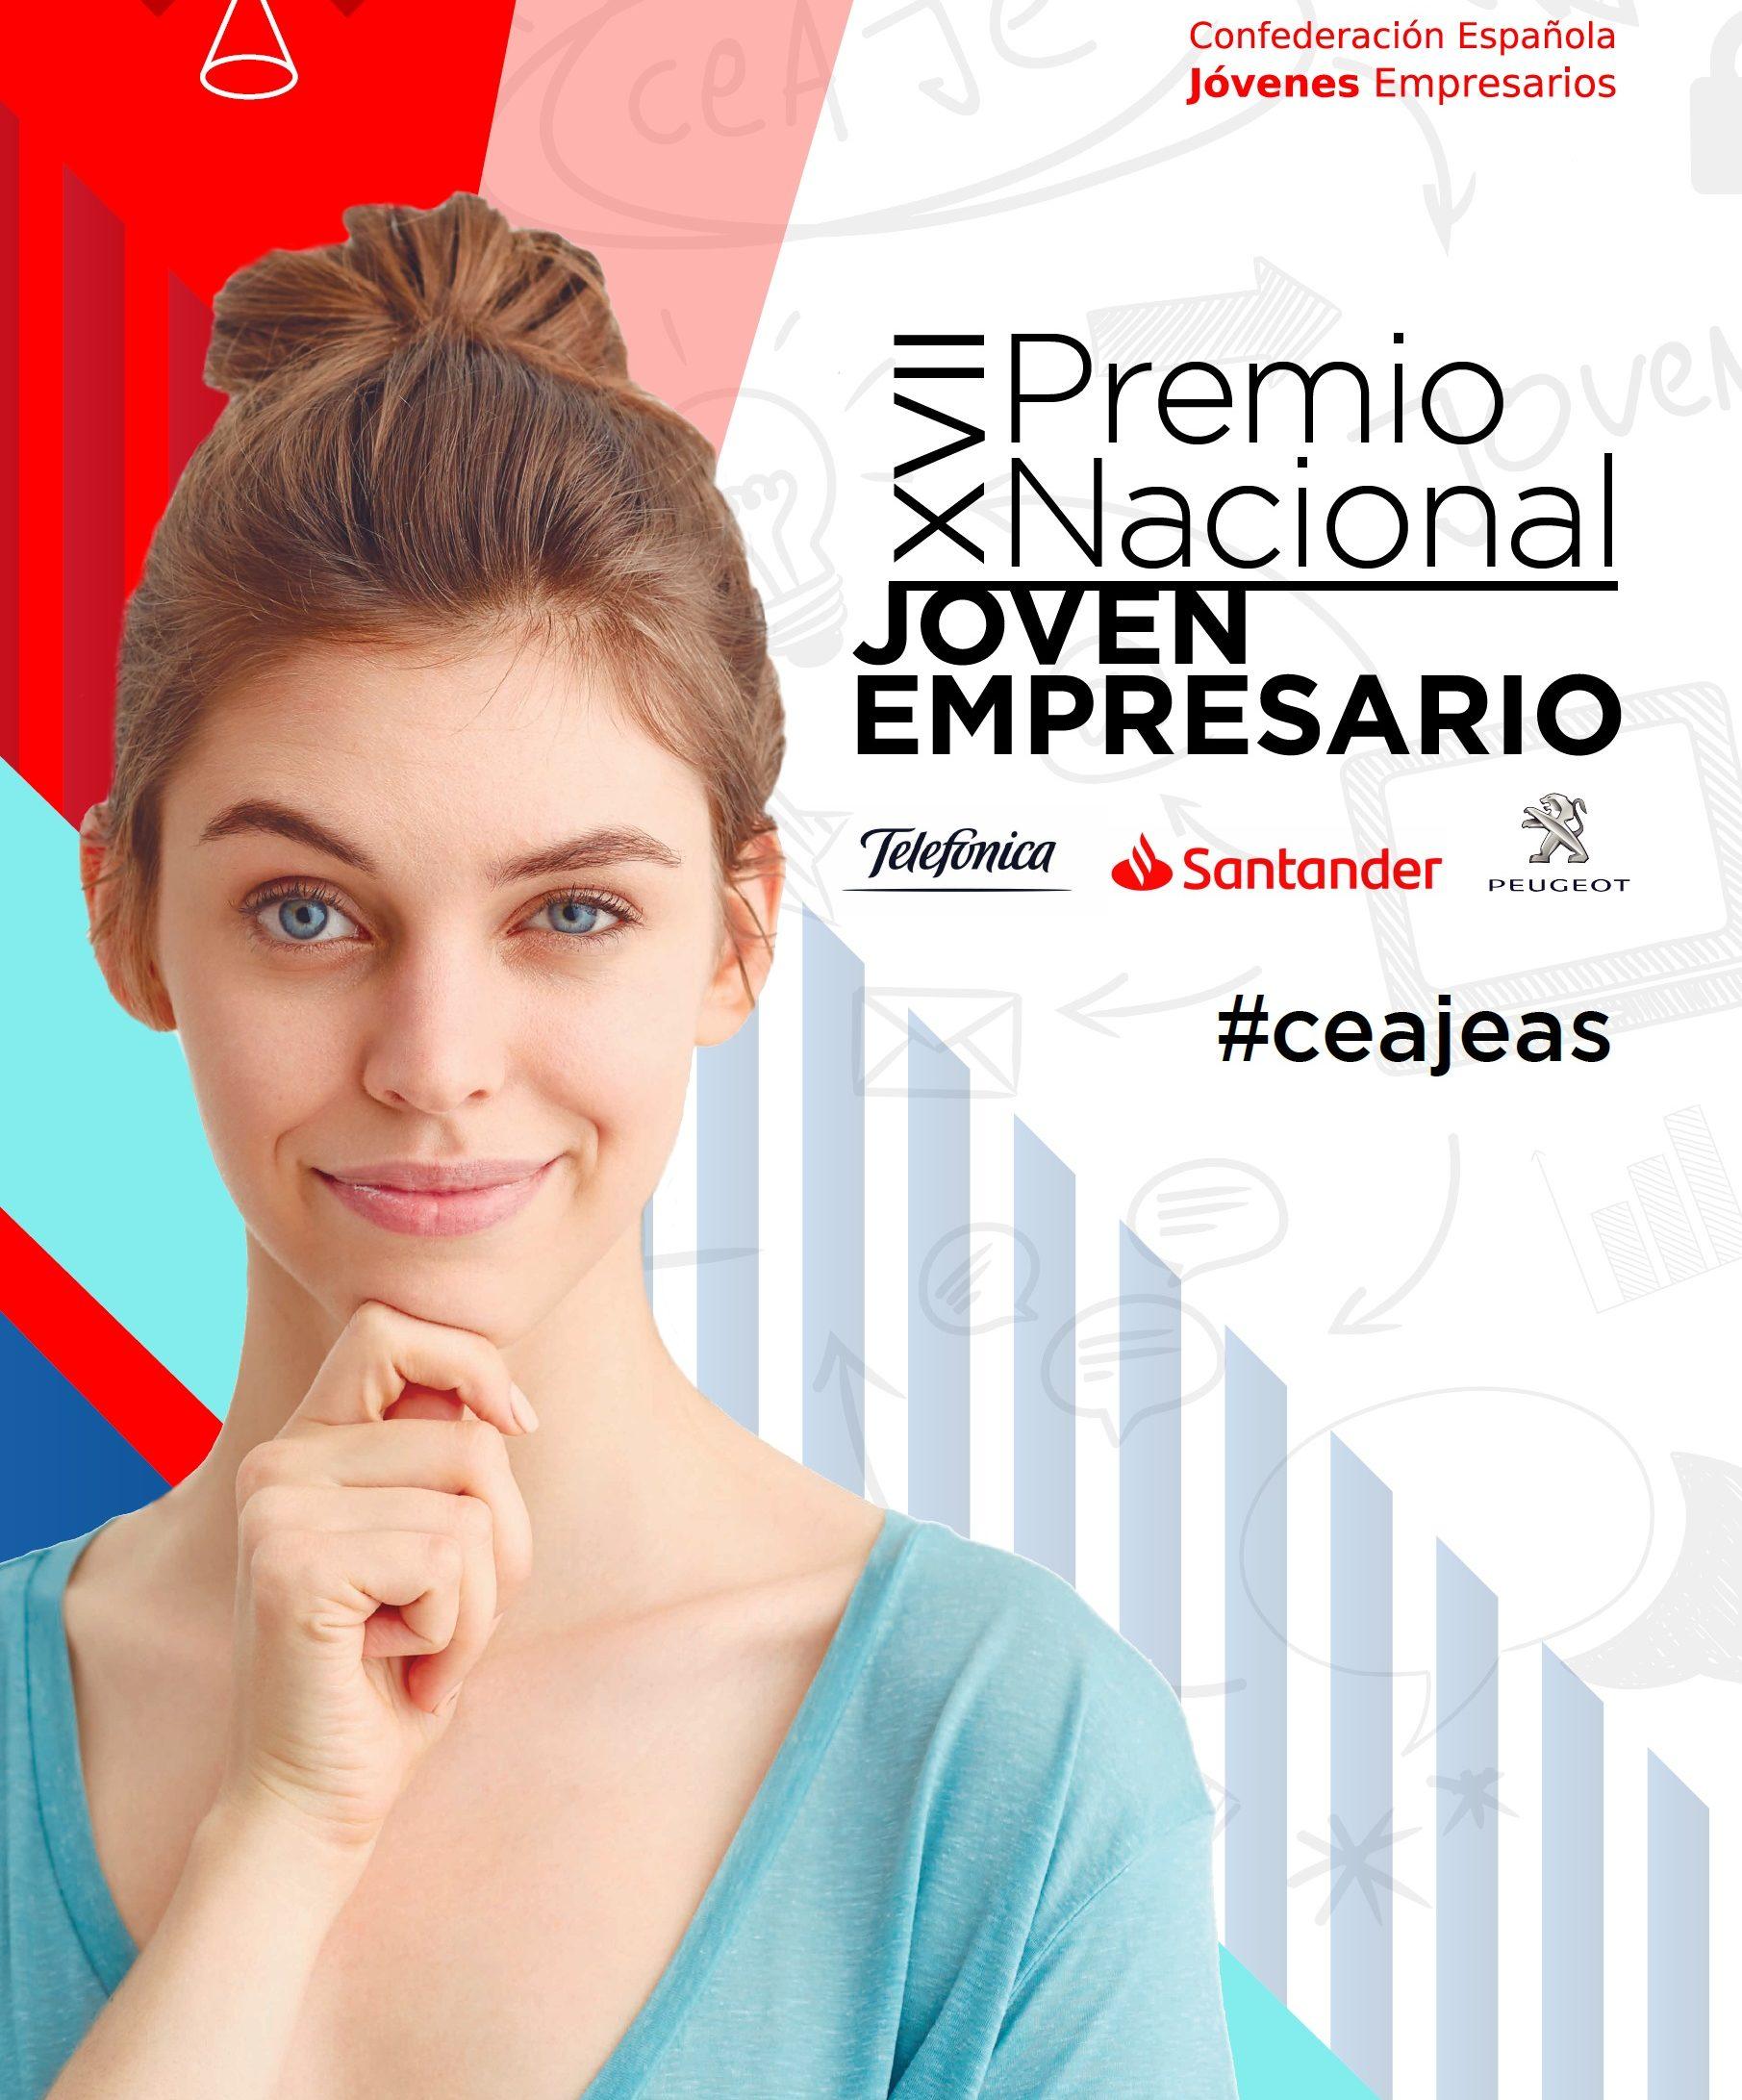 Comunicado AJE Madrid Premio Nacional Joven Empresario